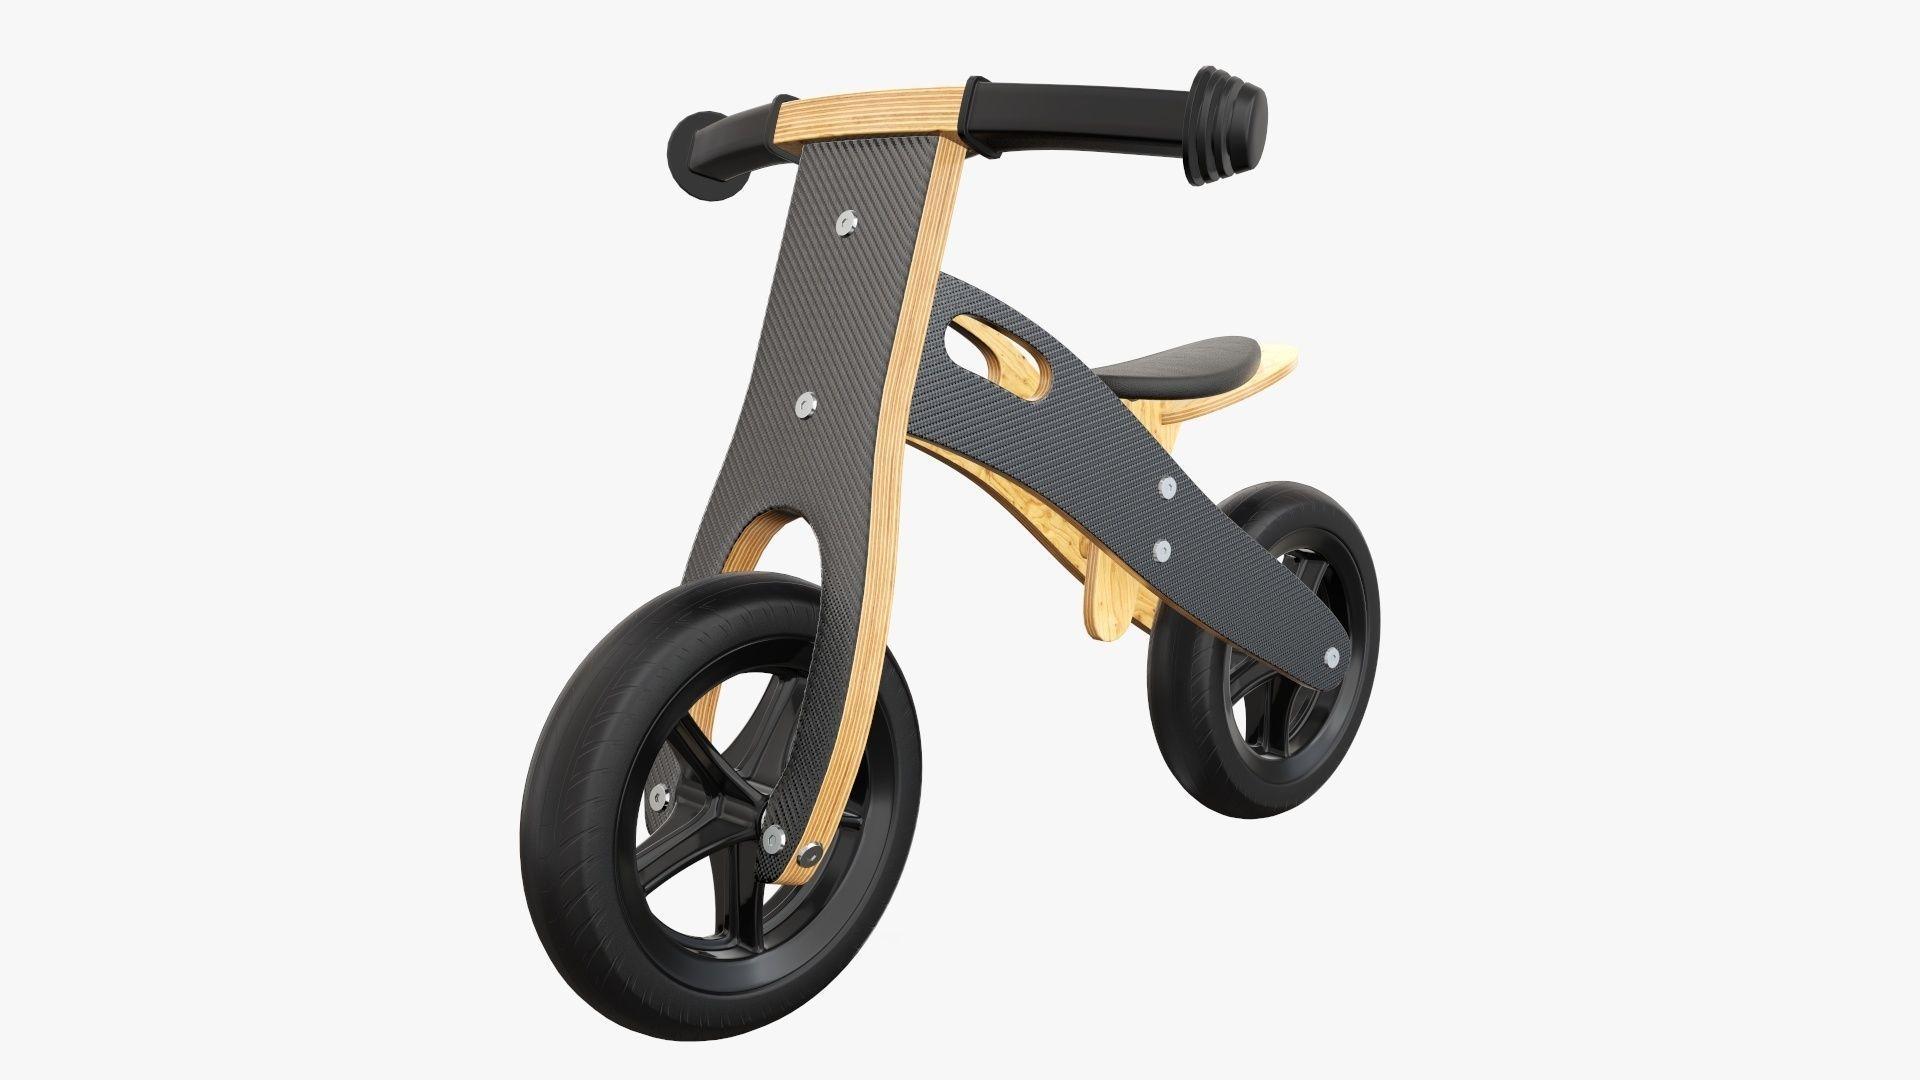 Balance bike for kids wooden